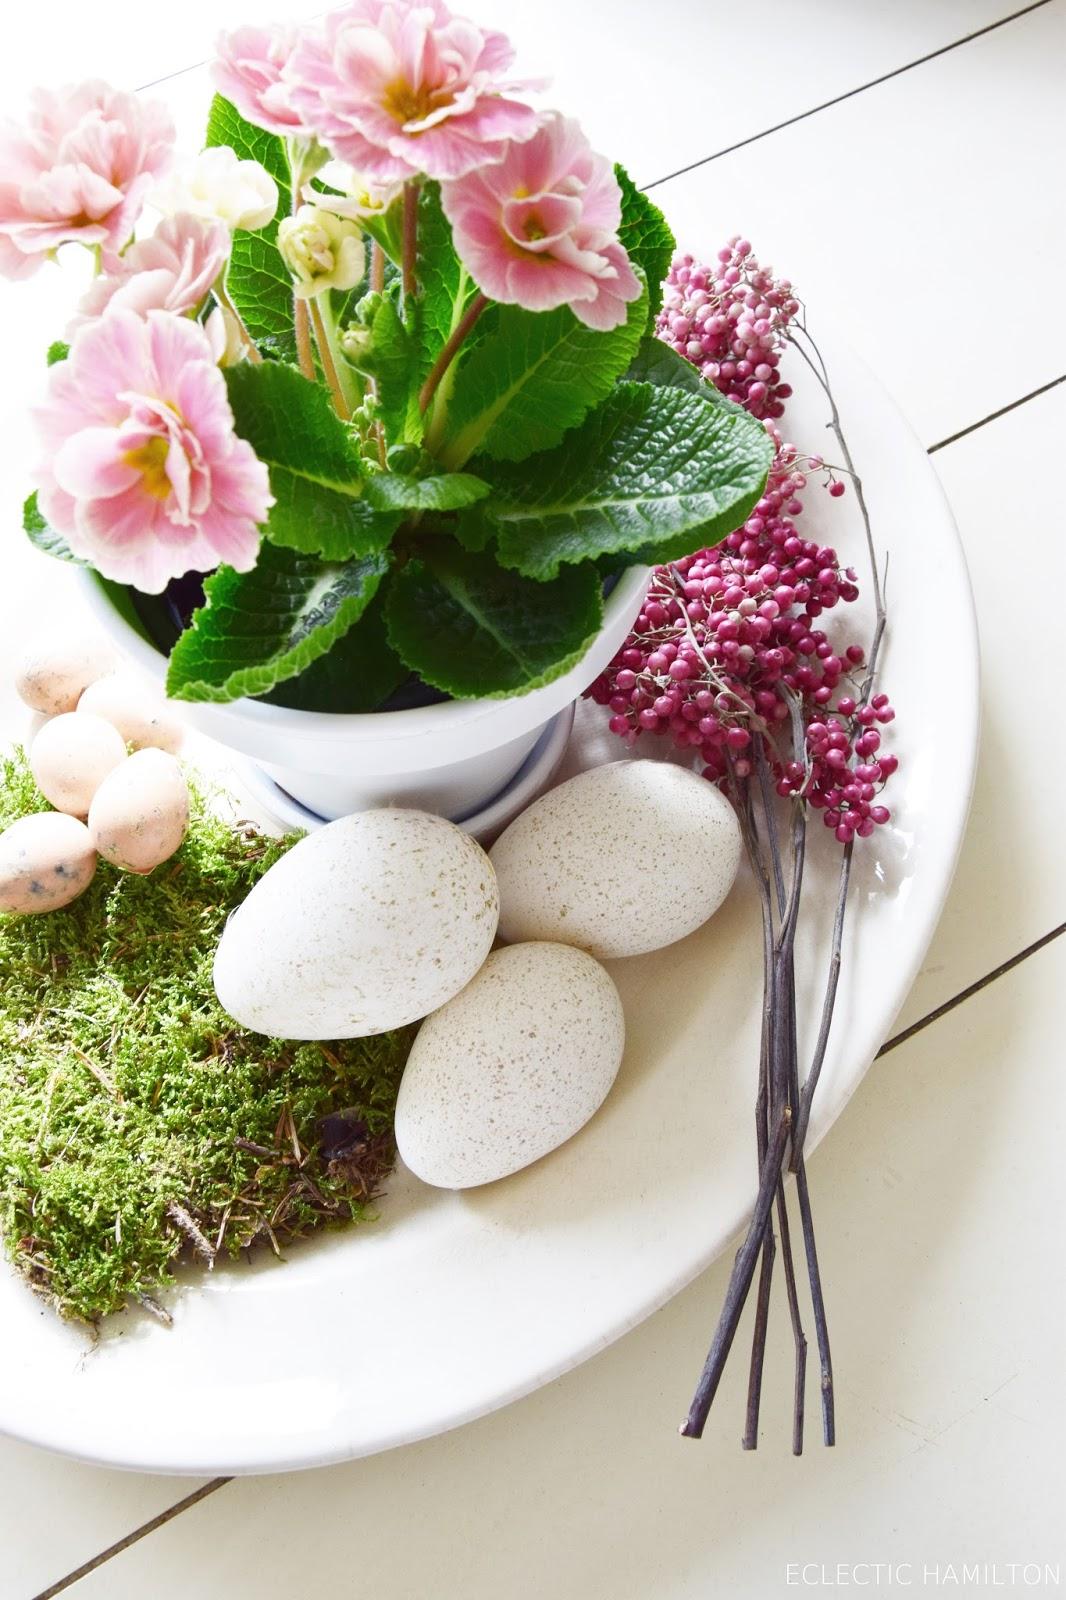 Deko für den Frühling mit der gefüllten Primel, Rosenprimel, Moos, Wachteleier und Bellies. Dekoidee, dekorien mit Natur, Frühlingsdeko frisch und grün, rosa. Tischdeko